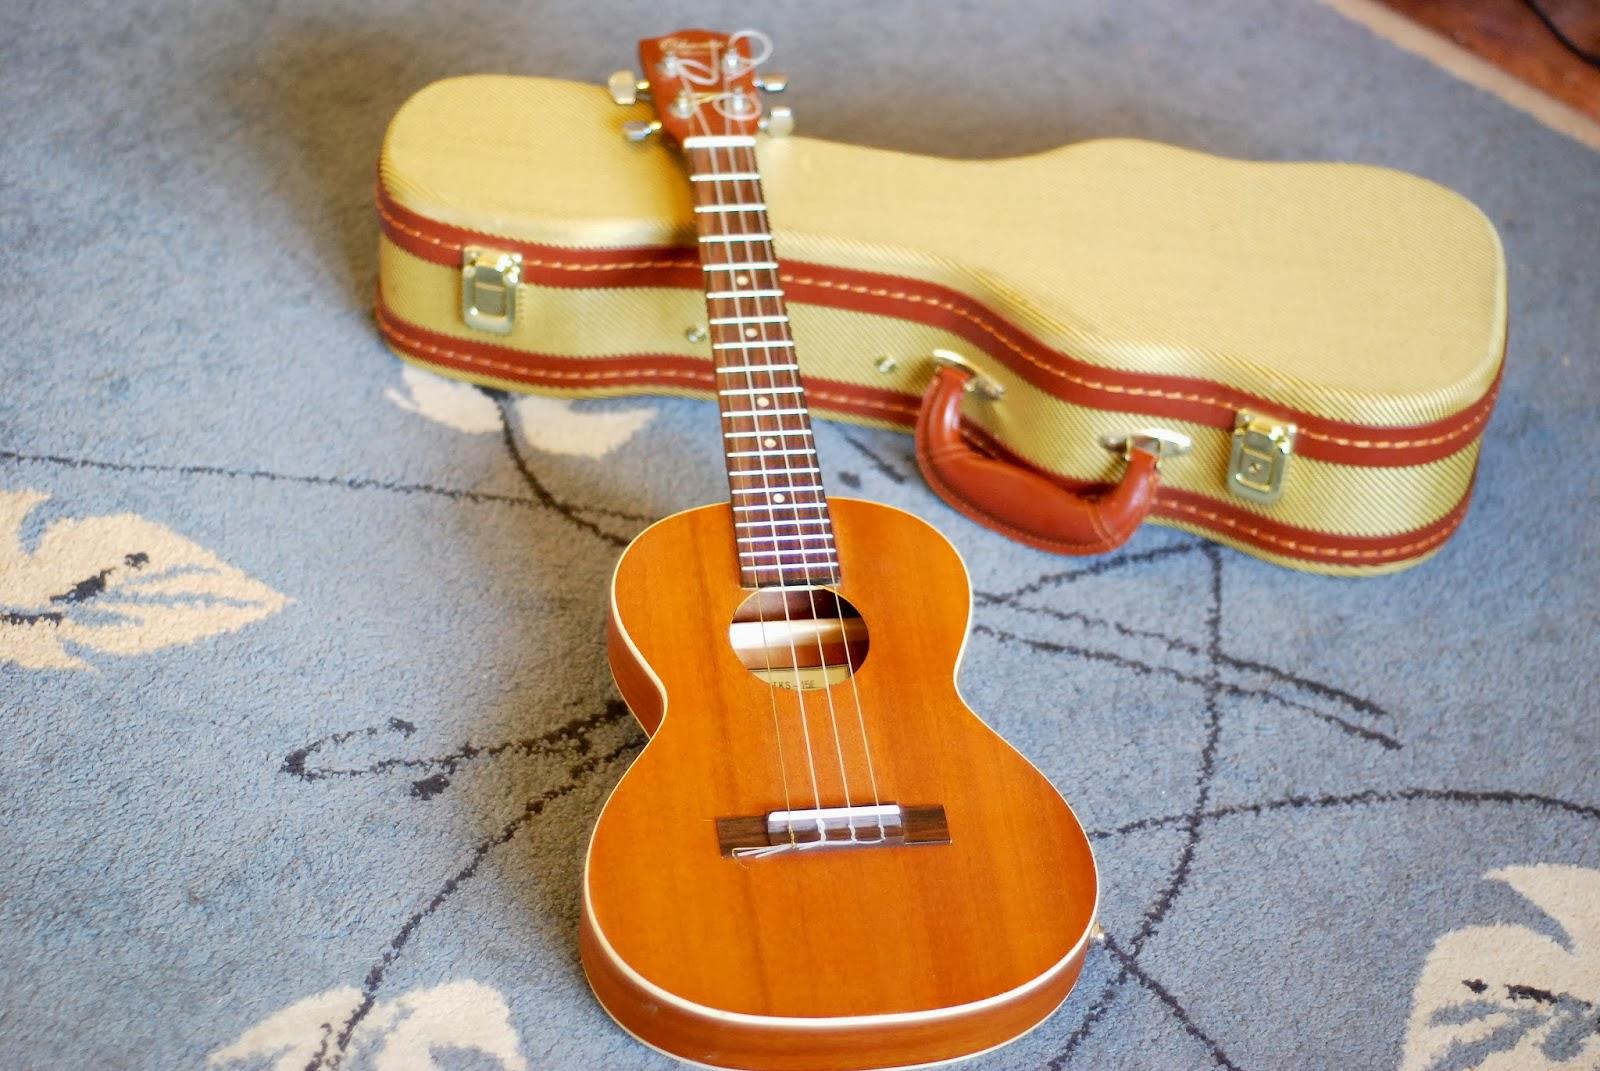 Ohana TKS-15E ukulele